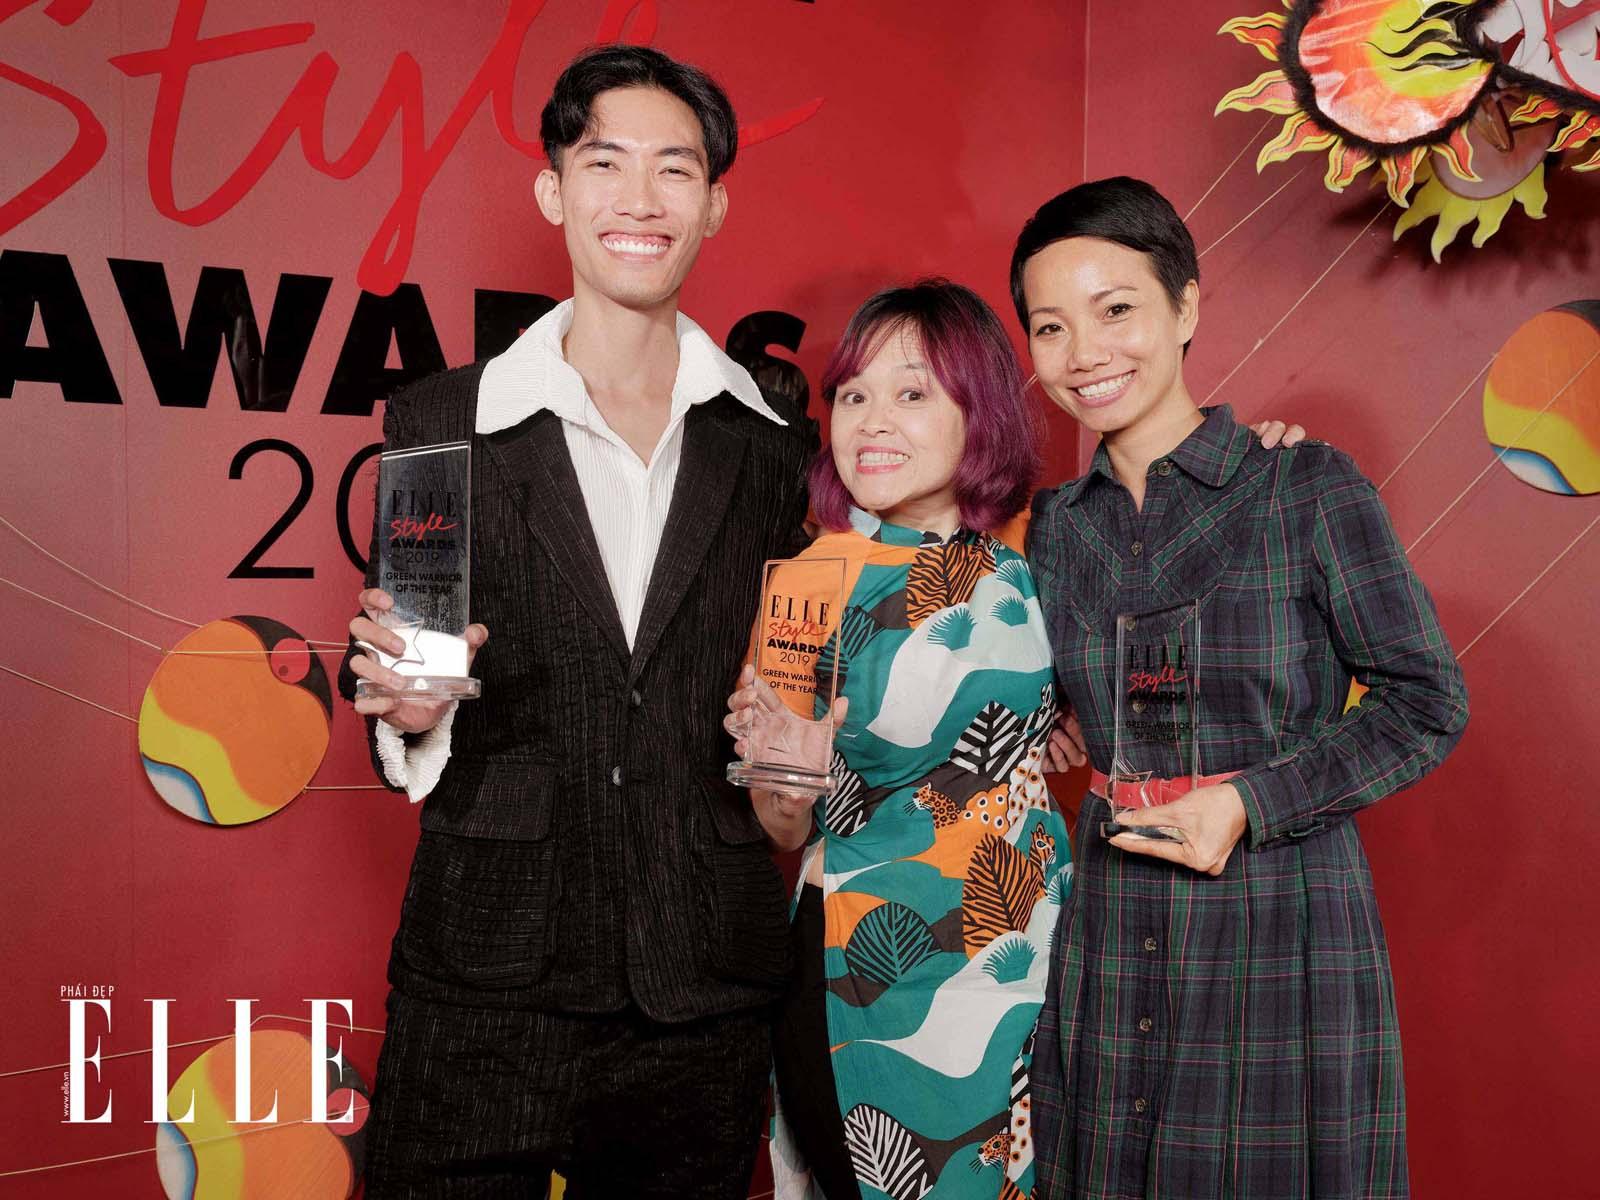 elle style awards 2019 chiến binh xanh